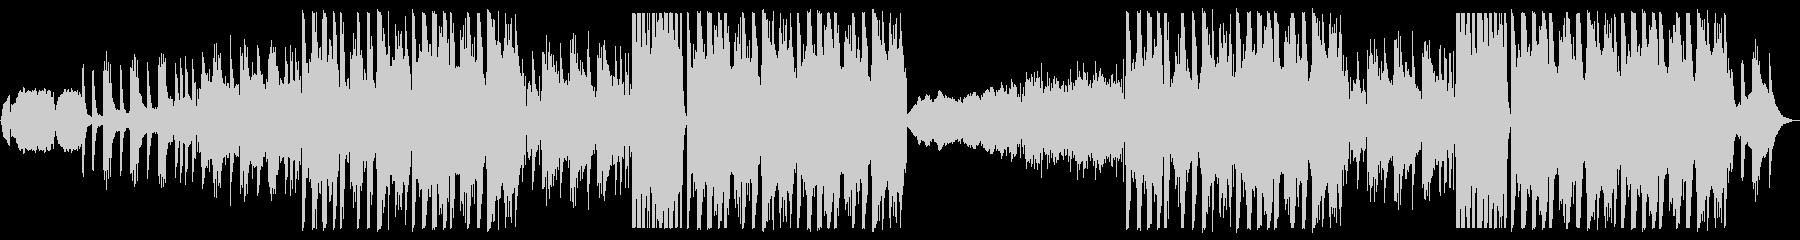 尺八と琴の和風EDMの未再生の波形